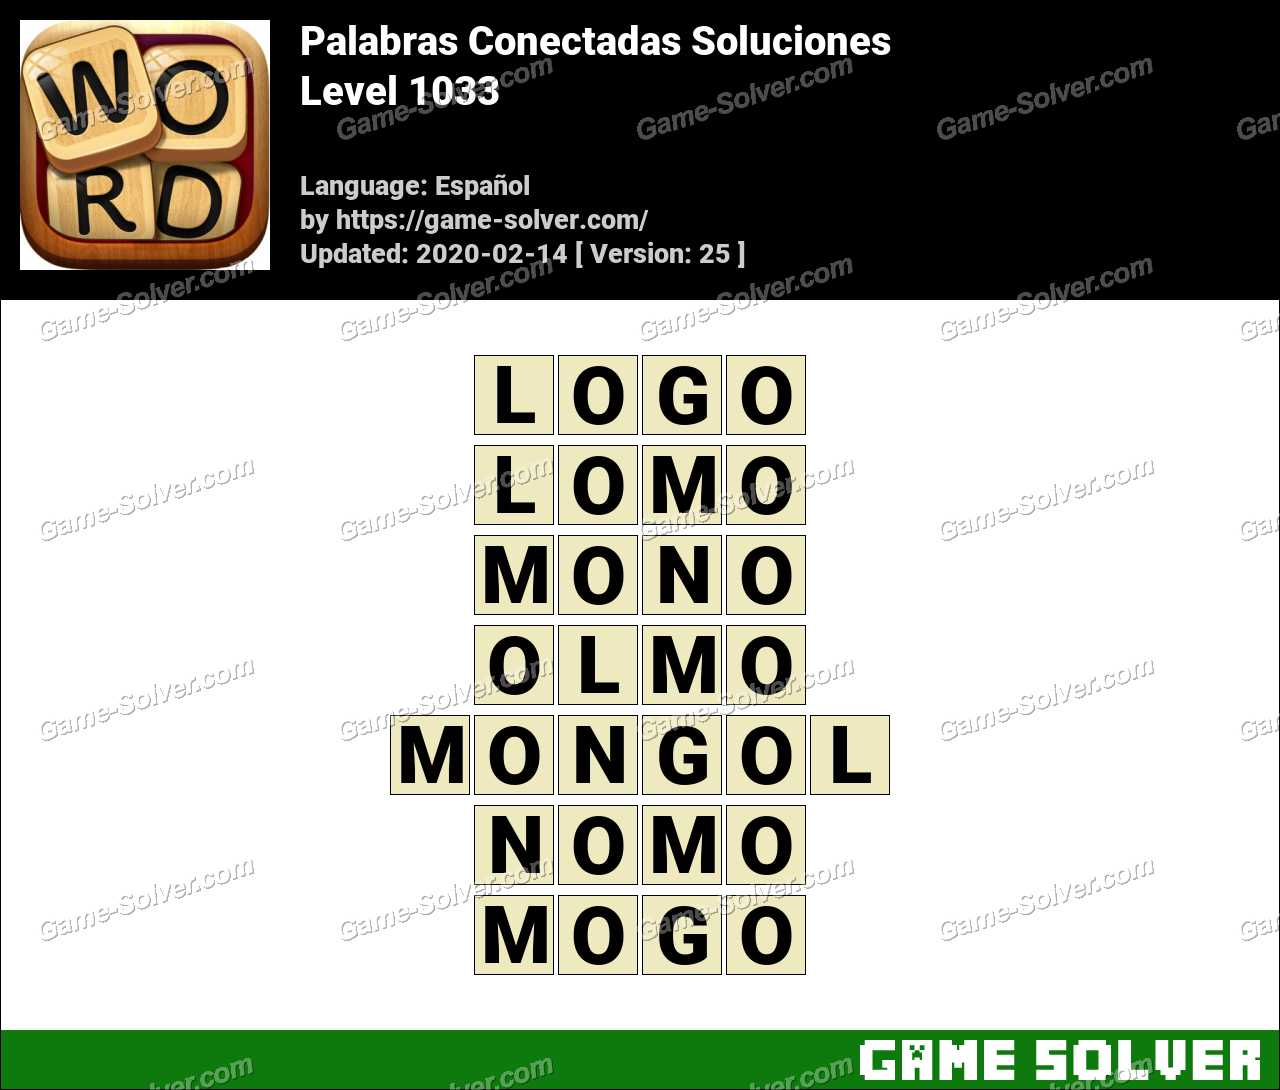 Palabras Conectadas Nivel 1033 Soluciones